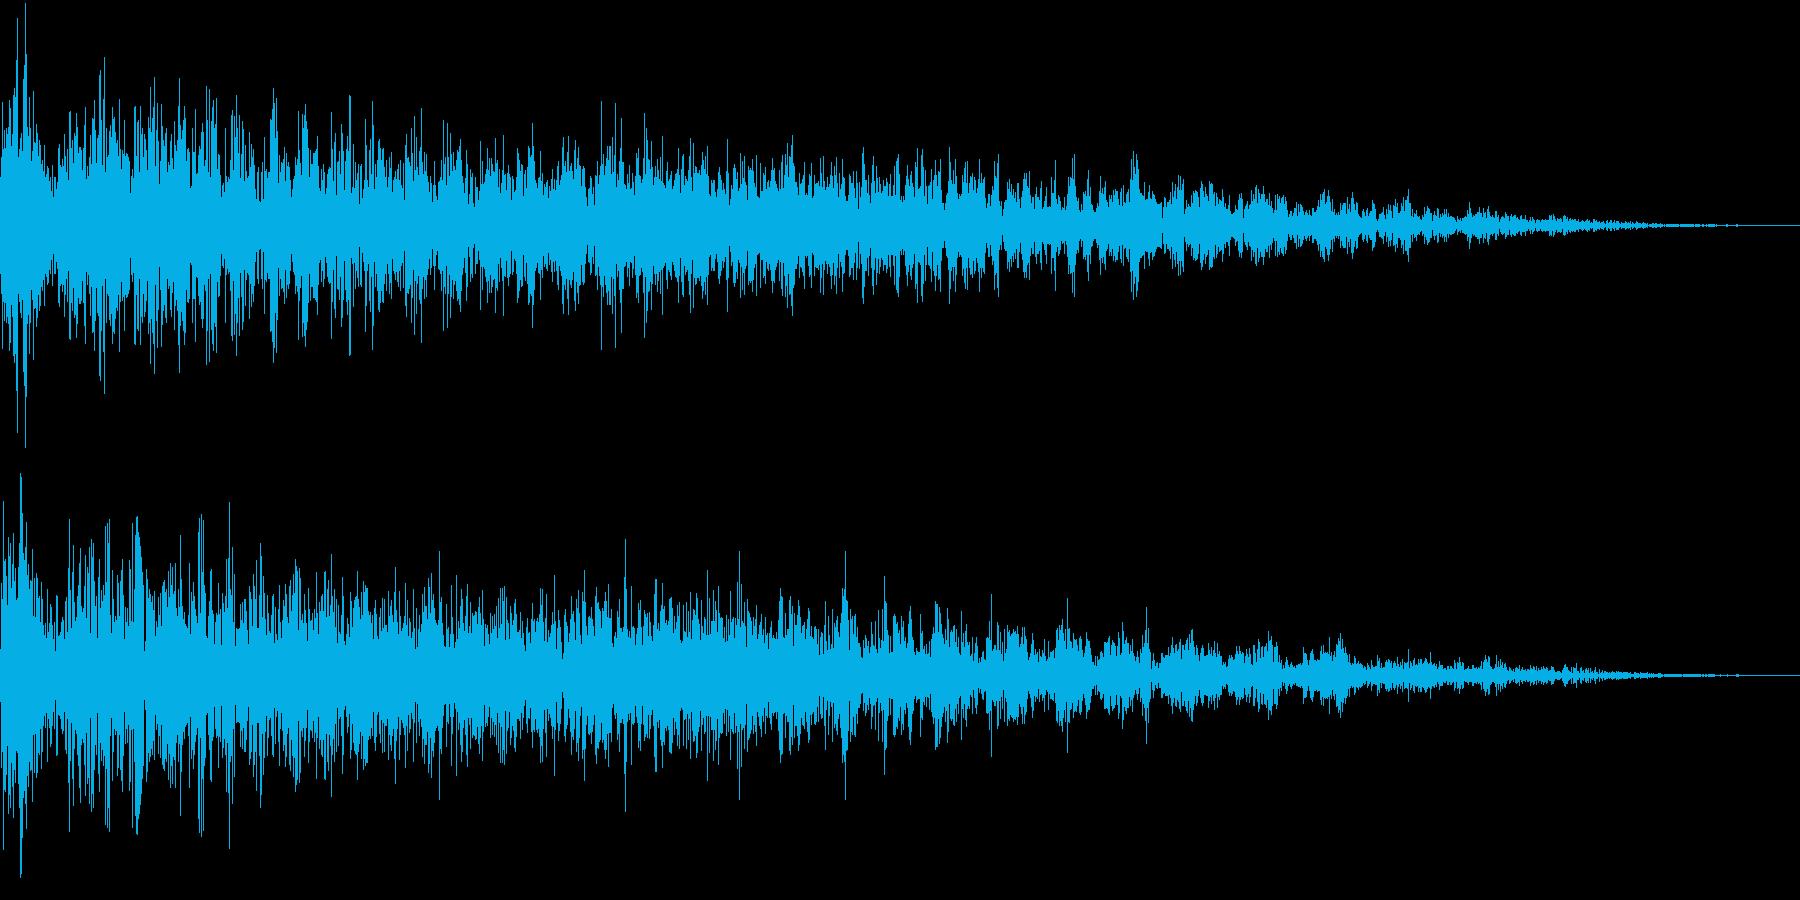 InvaderBuzz 発砲音 17の再生済みの波形